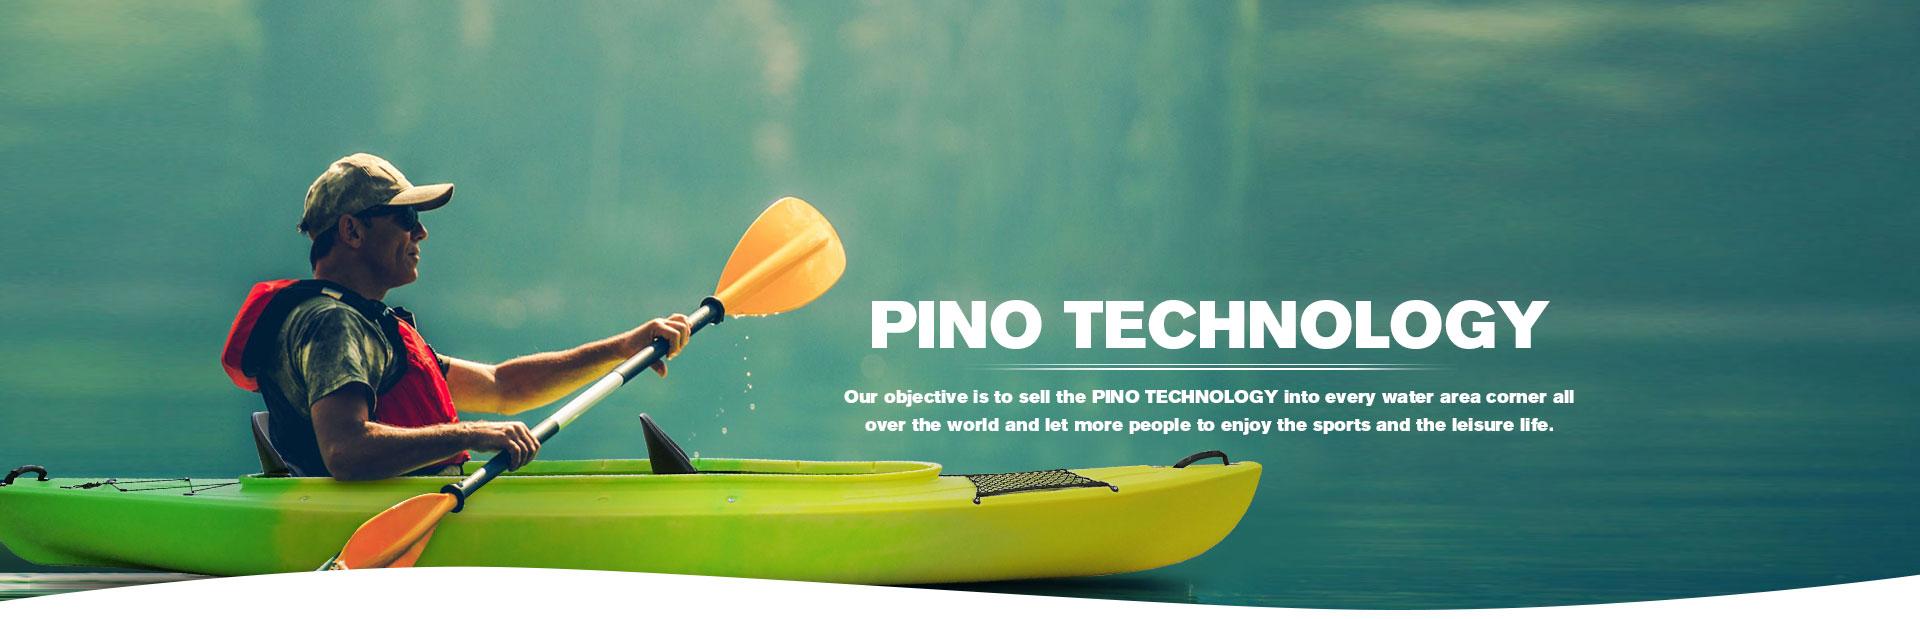 PINO TECHNOLOGY